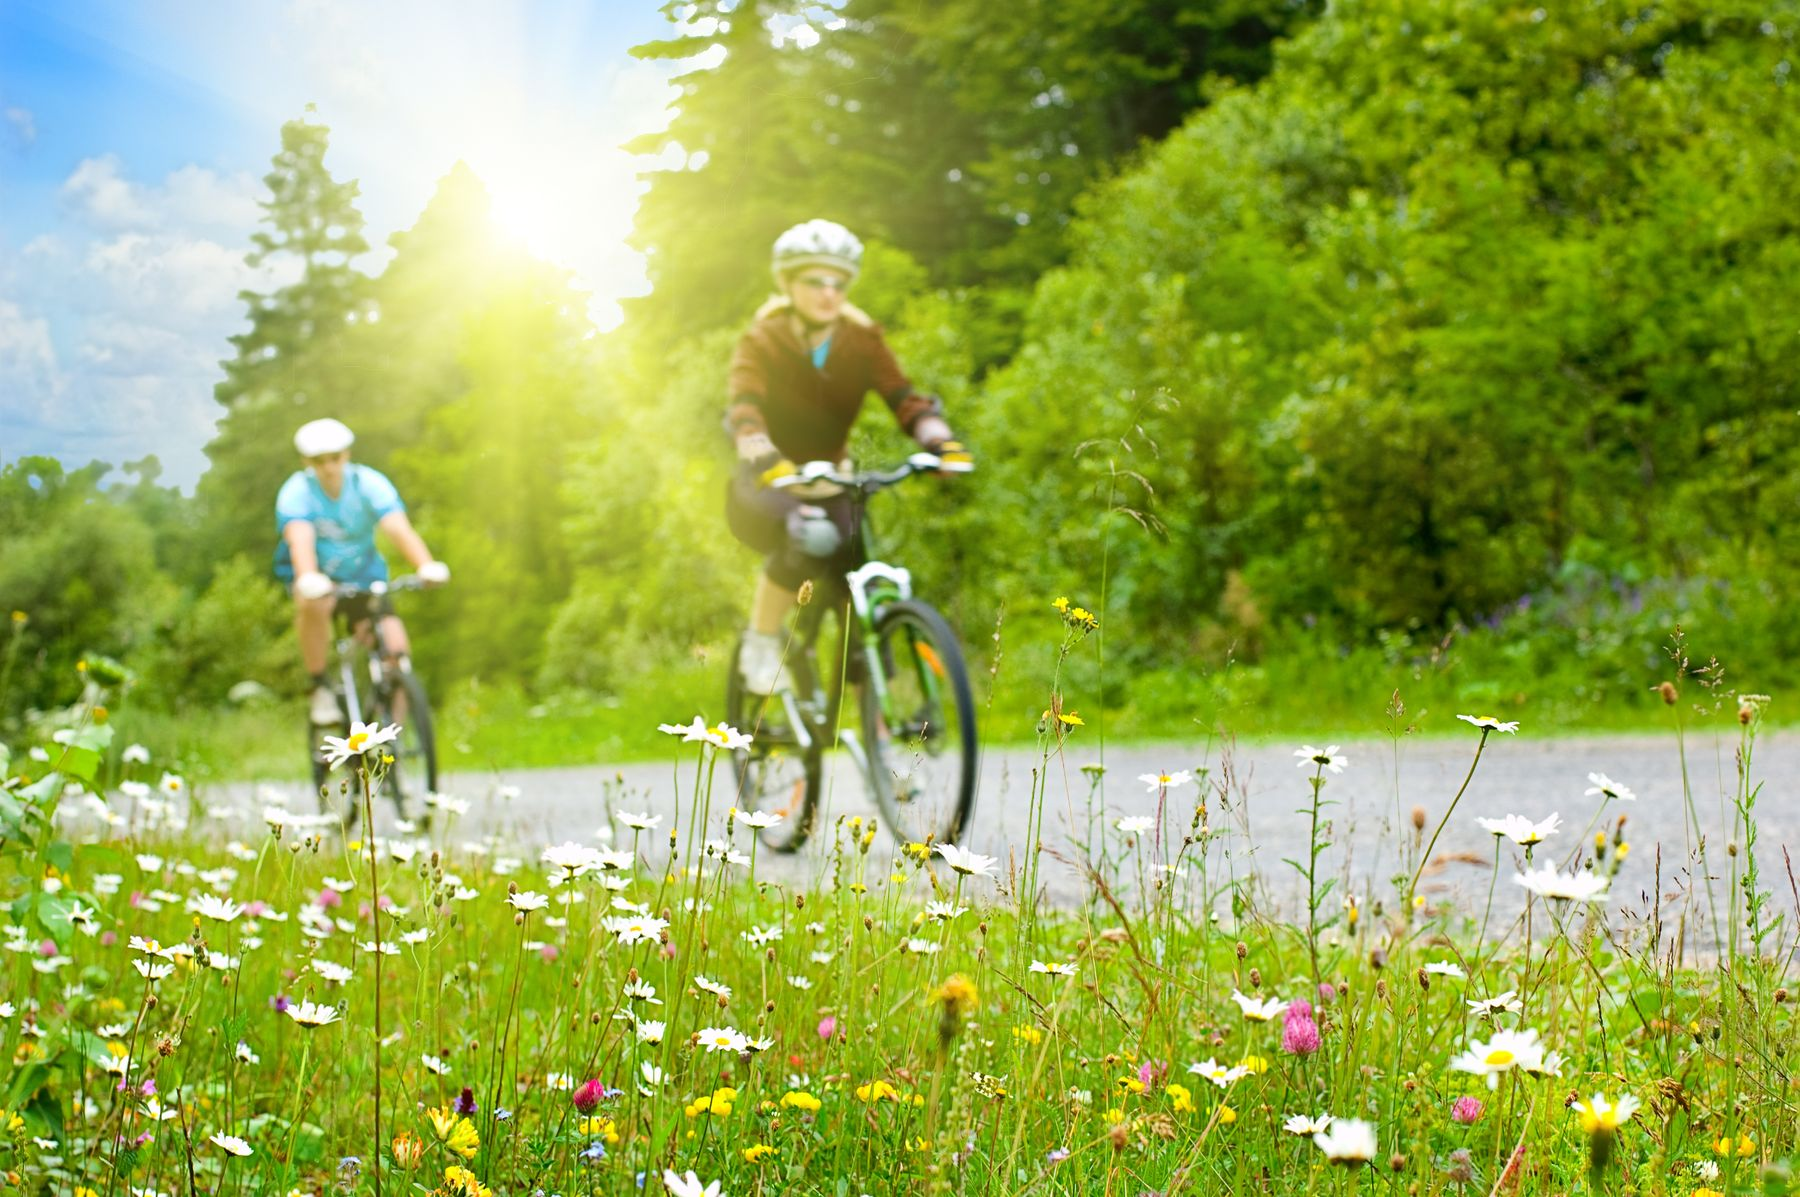 Fahrradfreundliche Naturreiseziele und Ausflugsorte